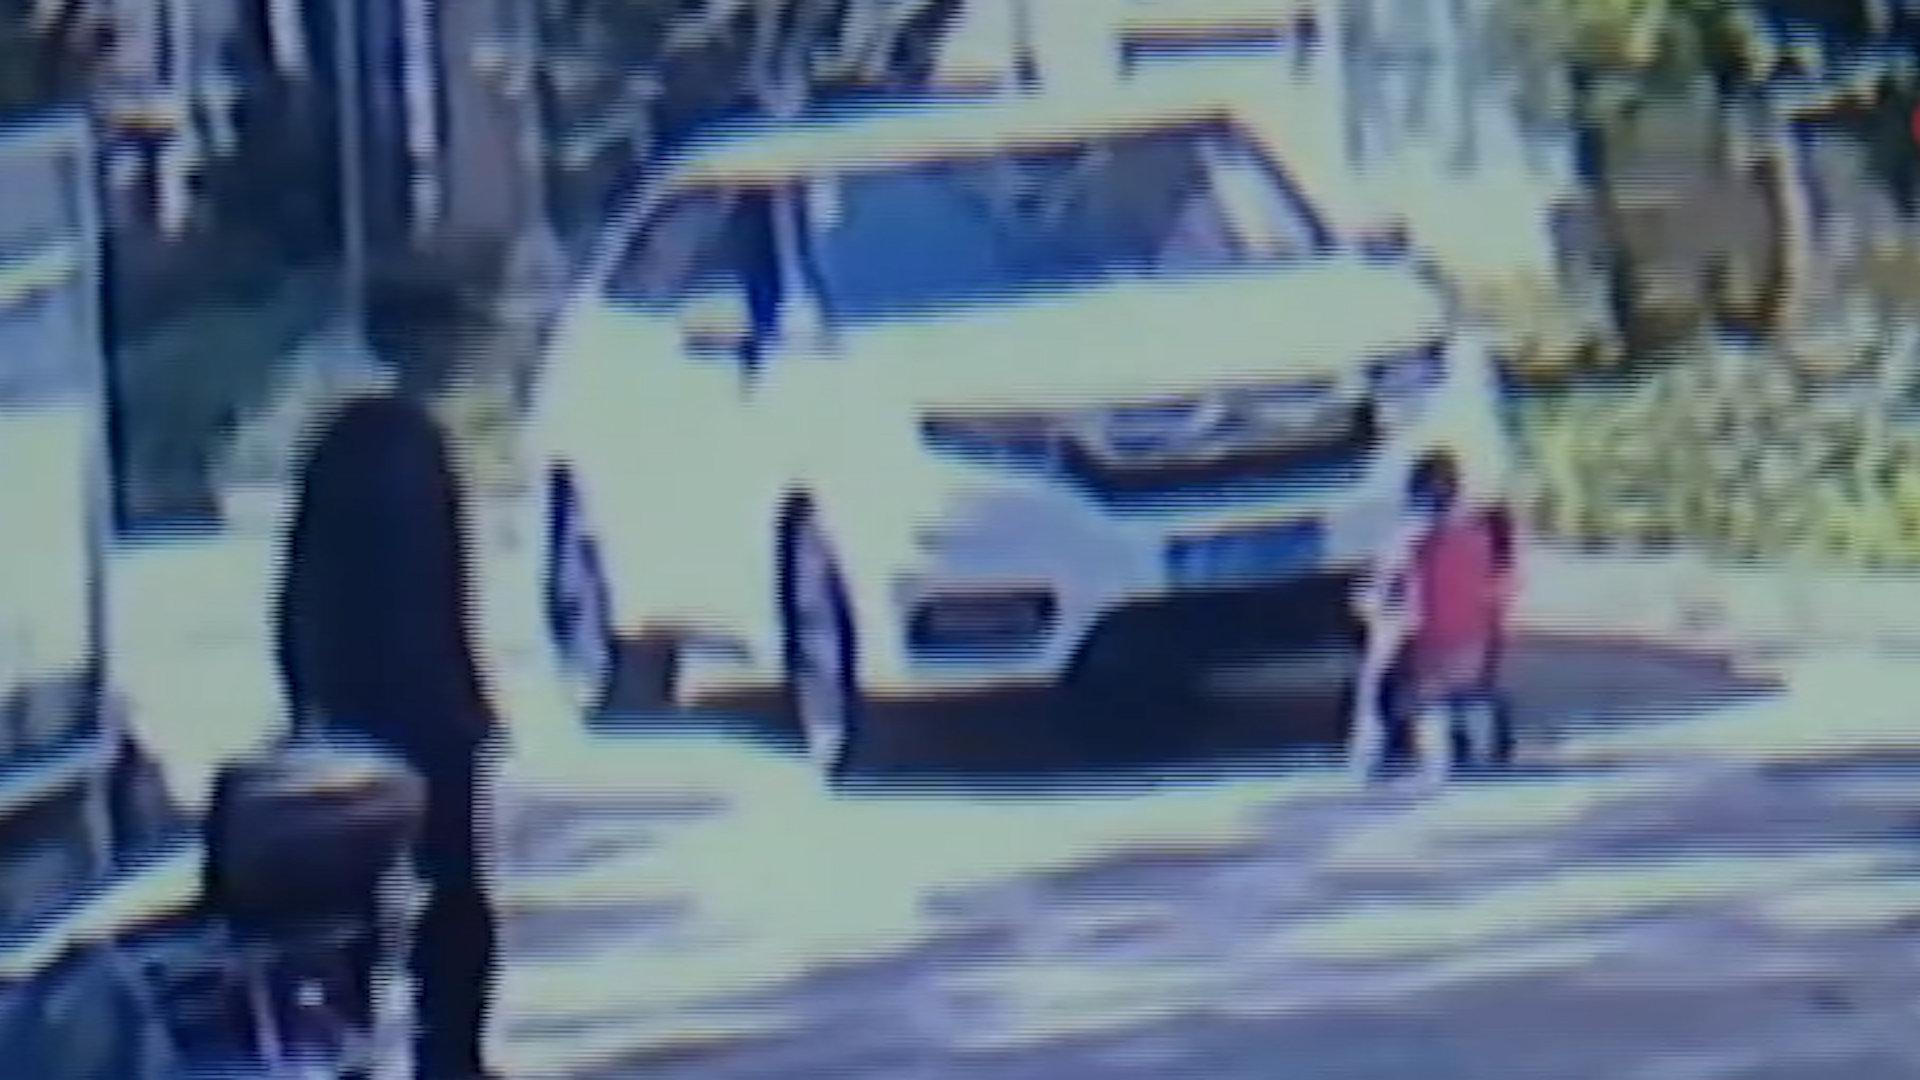 车刚进小区,熊孩子骑车突然窜出冲向车头,司机狂踩刹车惊出冷汗